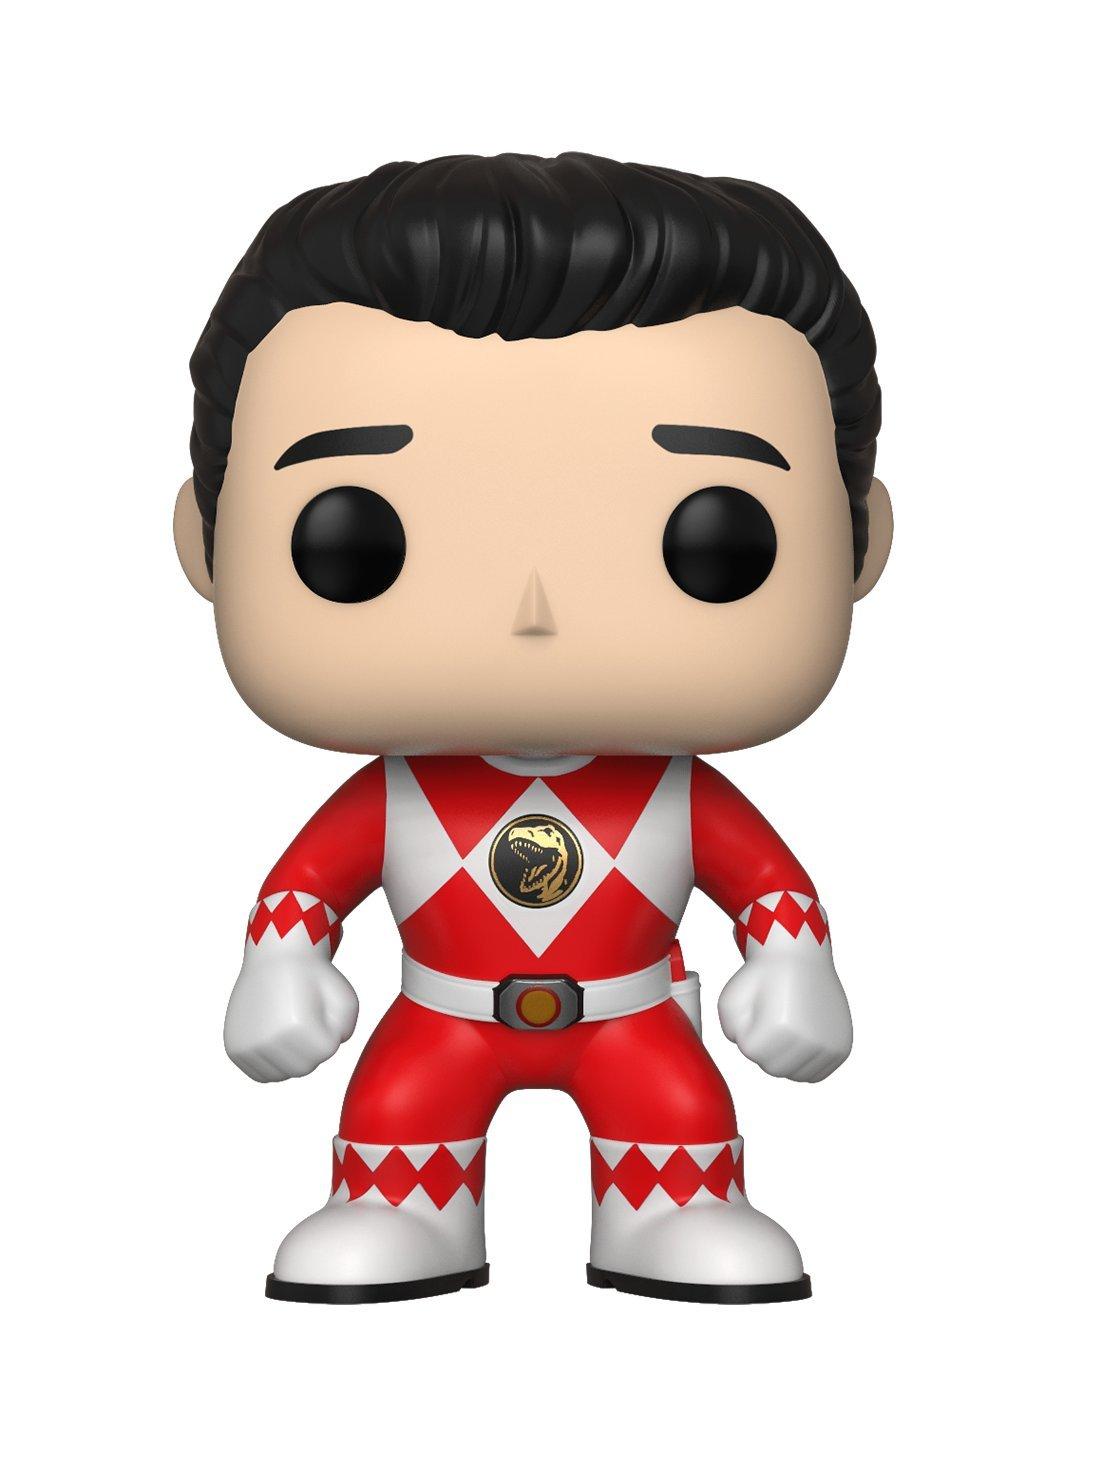 Funko Pop! Power Ranger - Red Ranger - Jason